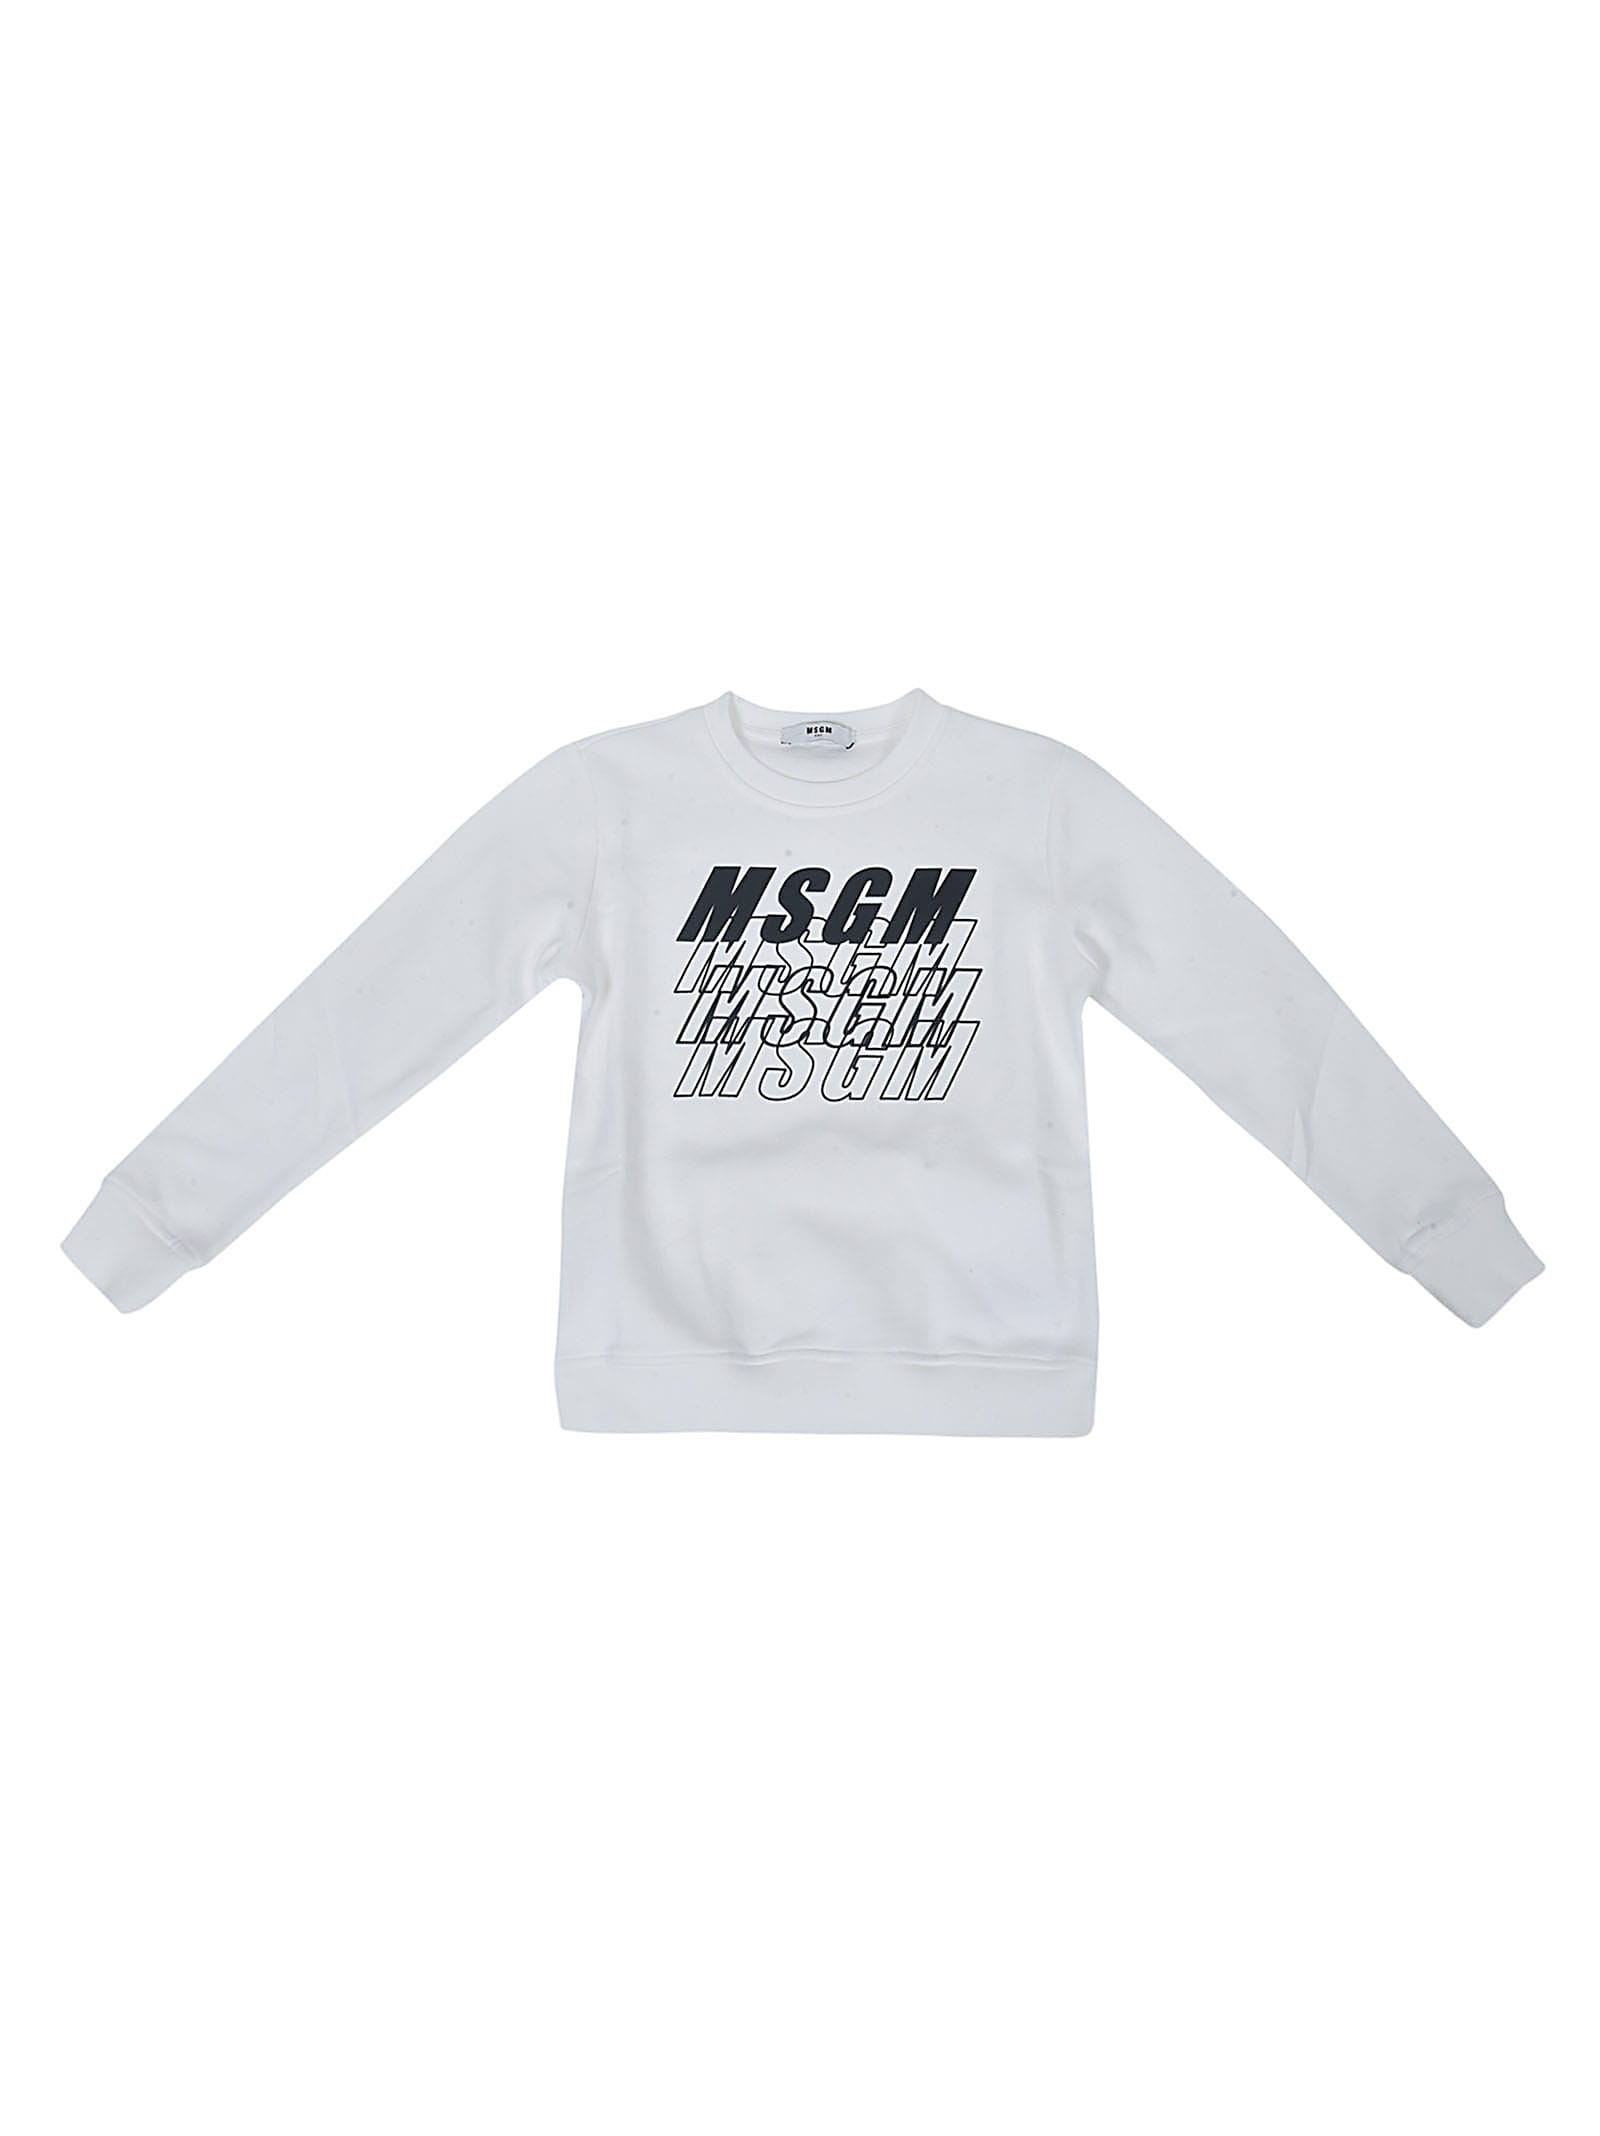 MSGM Multi-logo Printed Sweatshirt